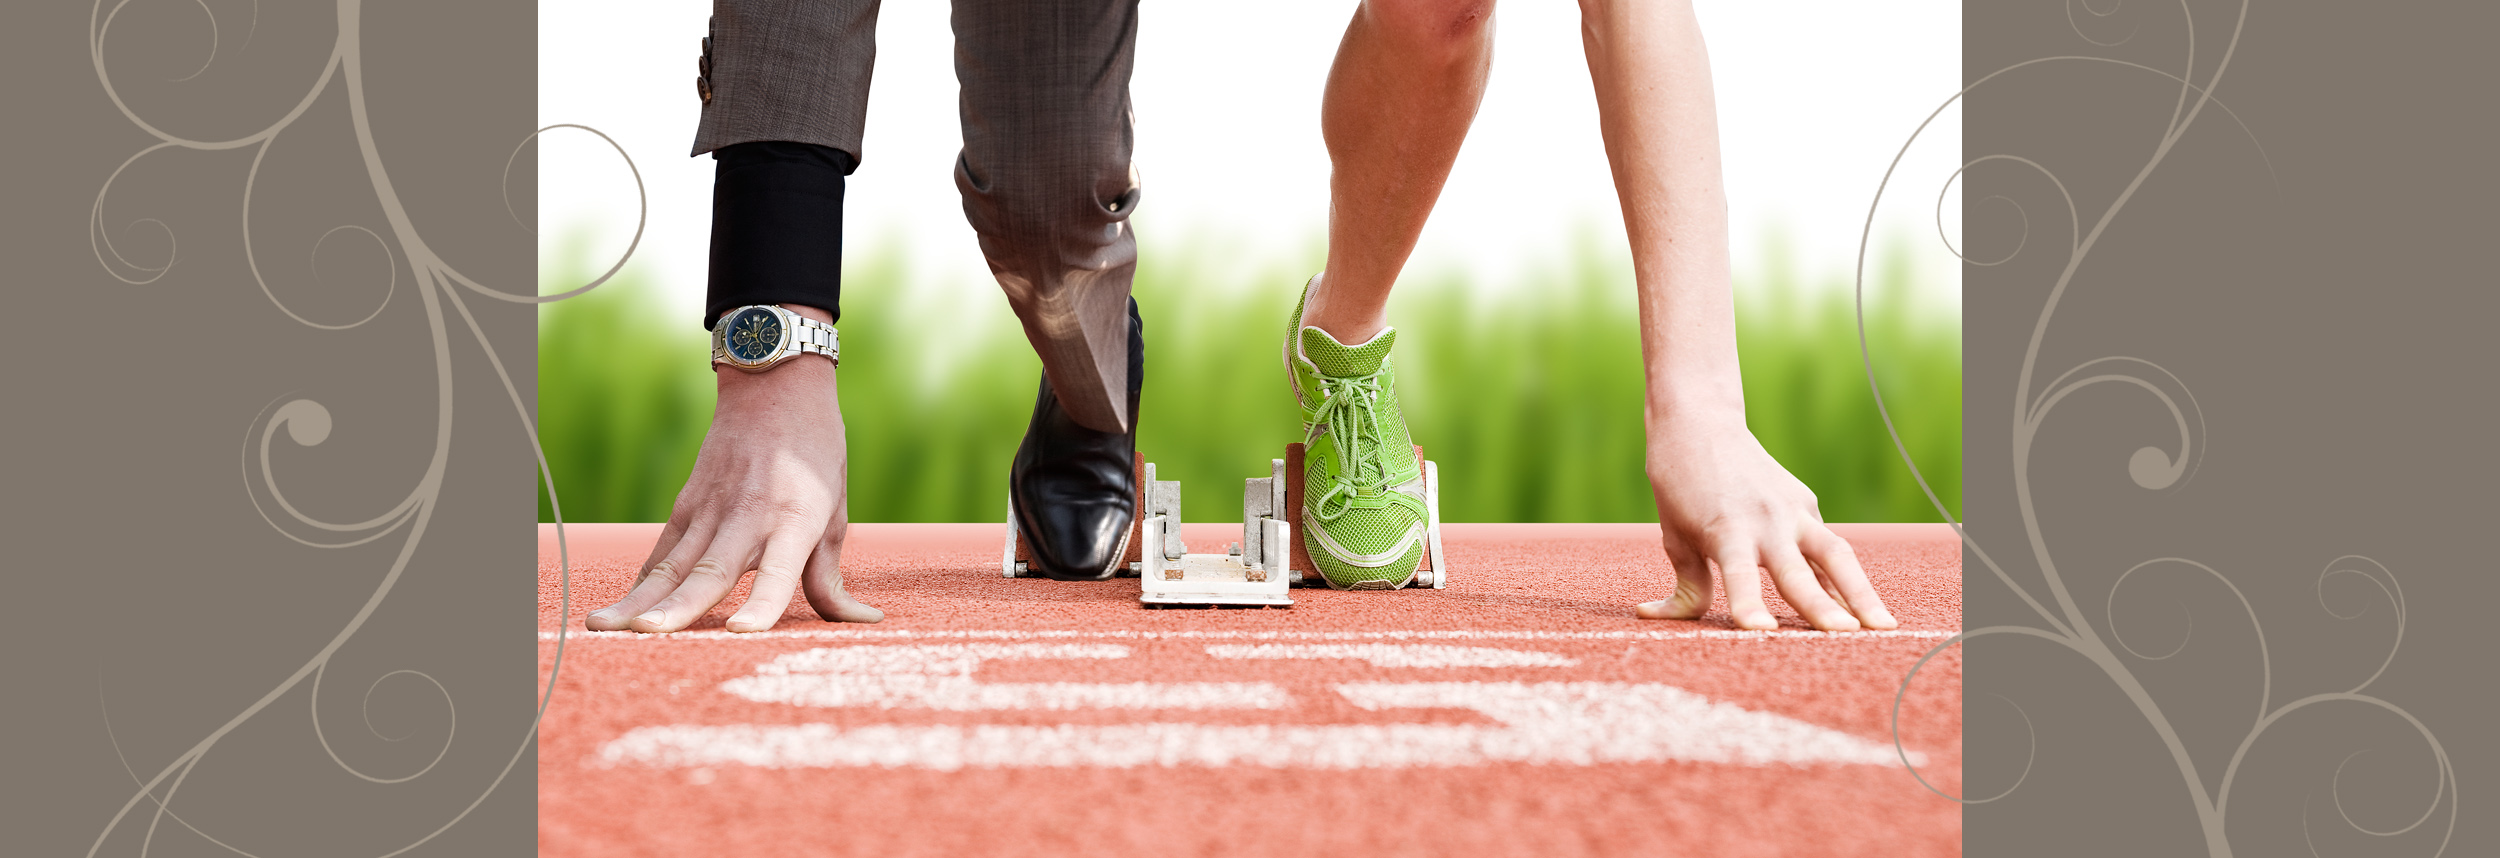 Erhart Coaching & Consulting KG, Betriebliche und individuelle Gesundheitsförderung